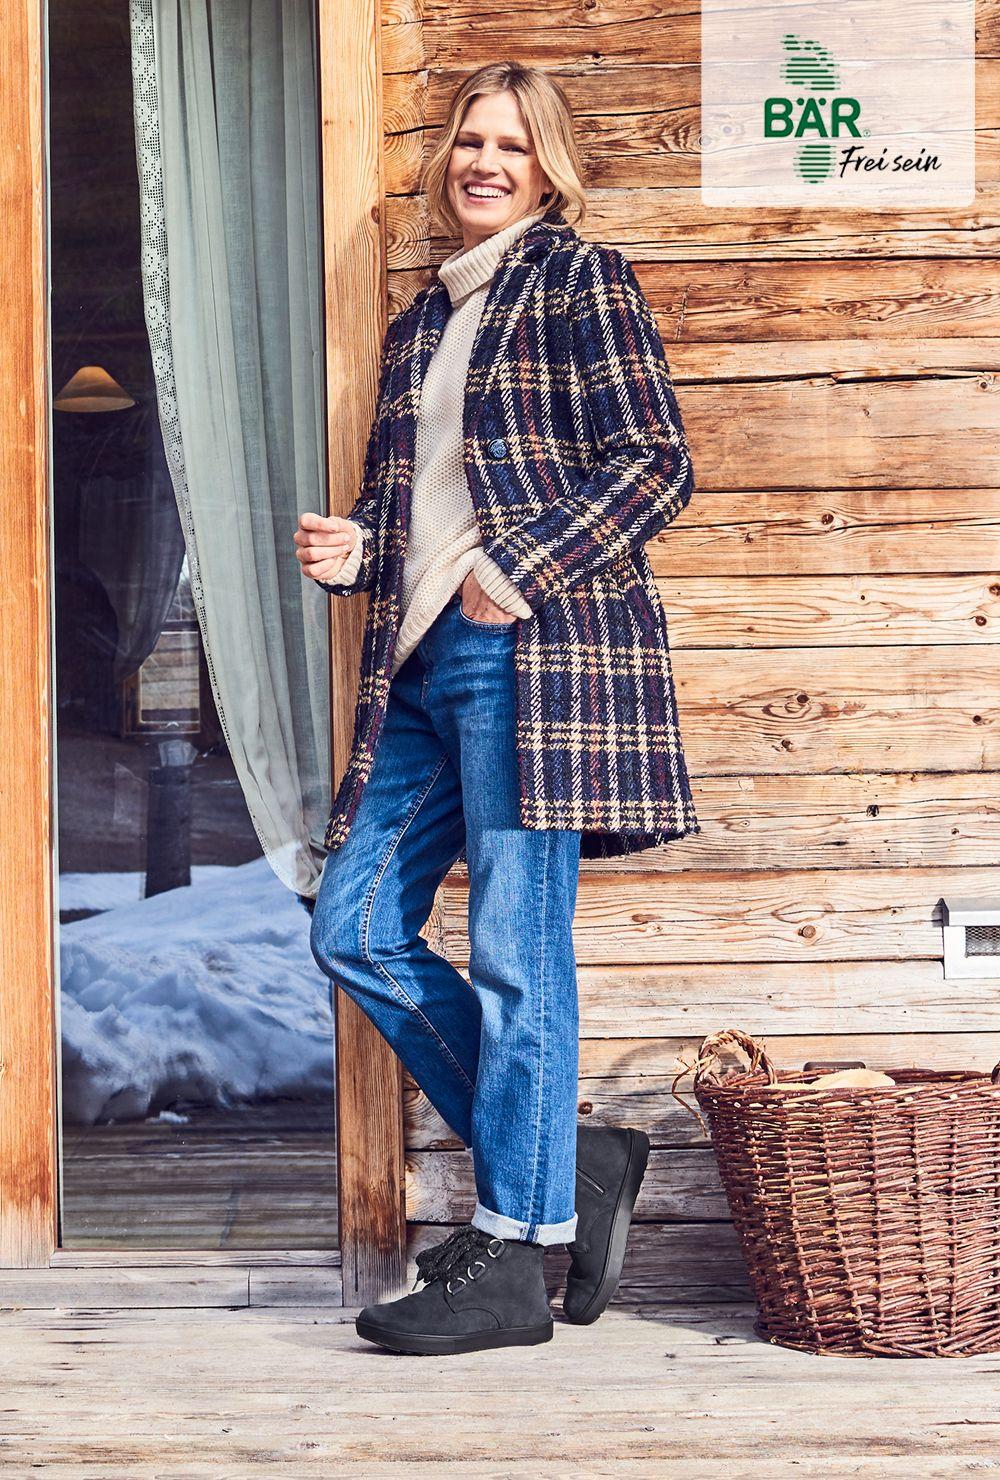 #helloseptember #outfit #barfußschuhe #damenschuhe #zehenfreiheit #stiefel #boots #herbstschuhe